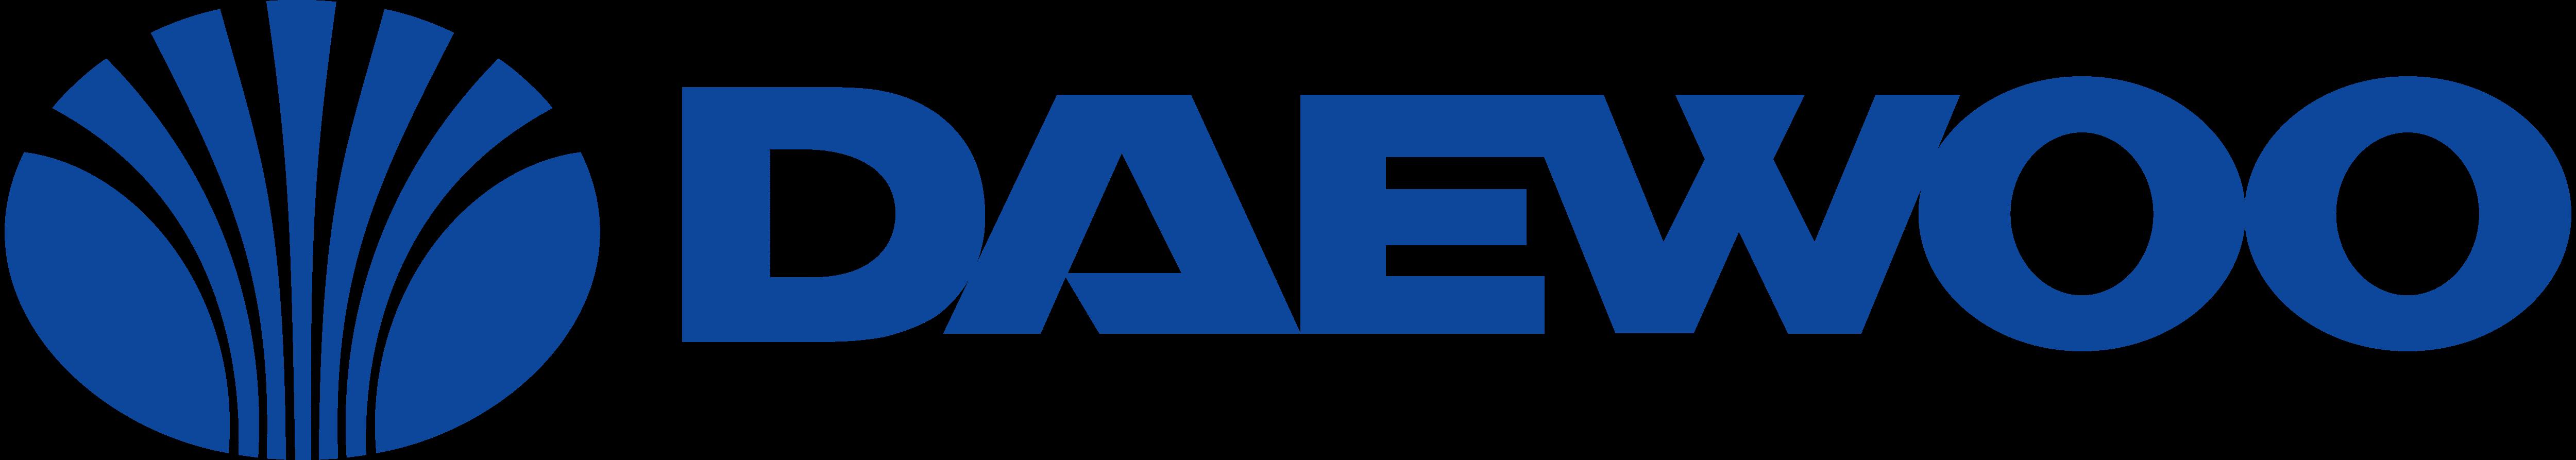 Daewoo Logos Download